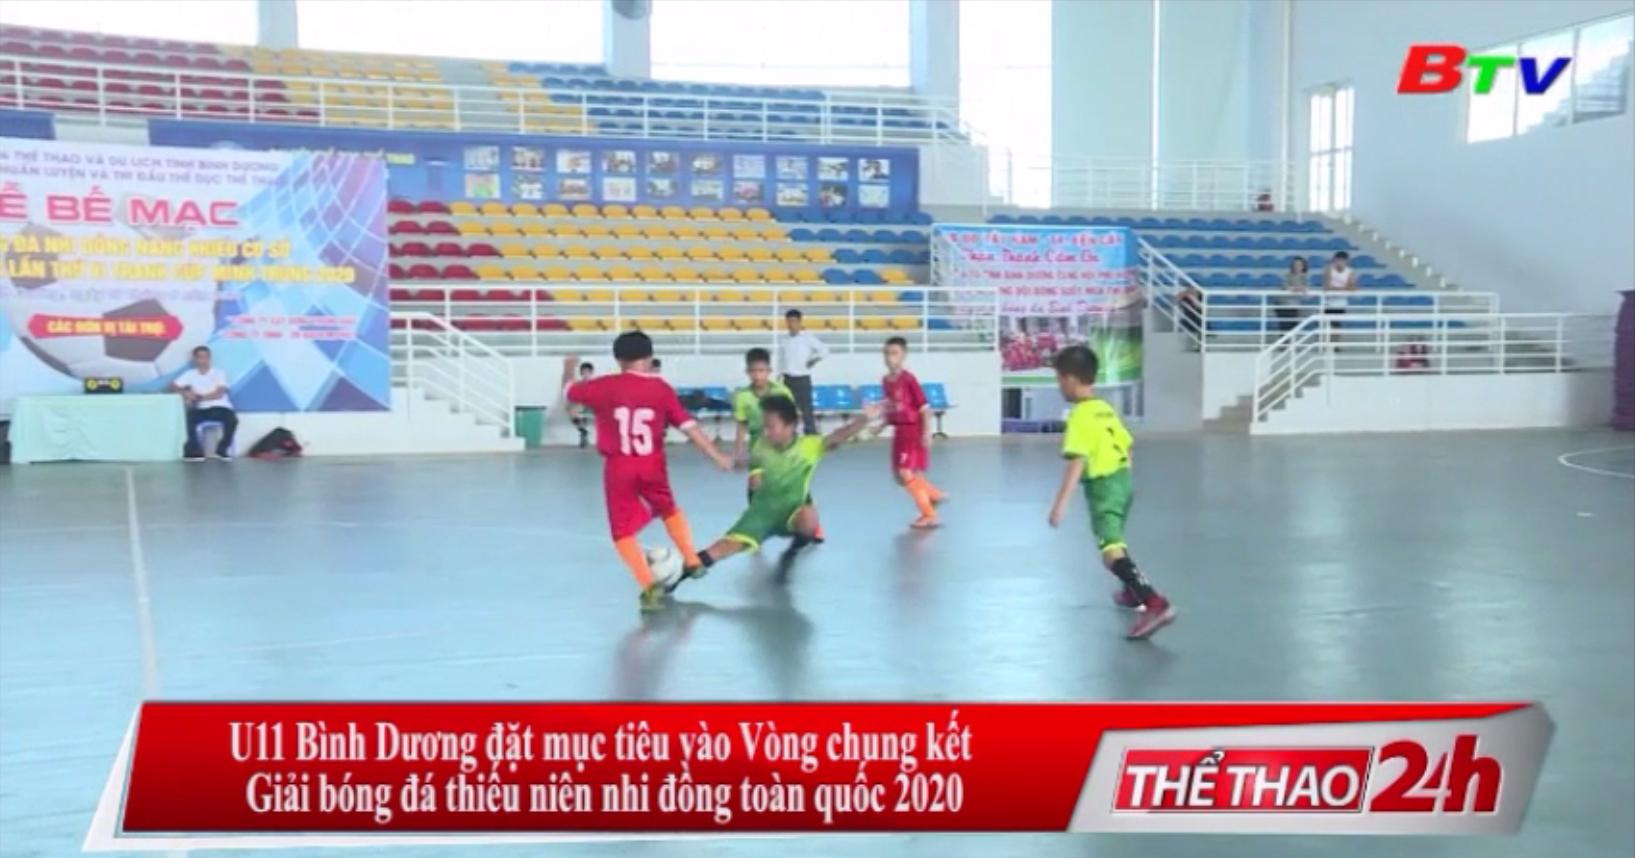 U11 Bình Dương đặt mục tiêu vào Vòng chung kết Giải bóng đá thiếu niên nhi đồng toàn quốc 2020